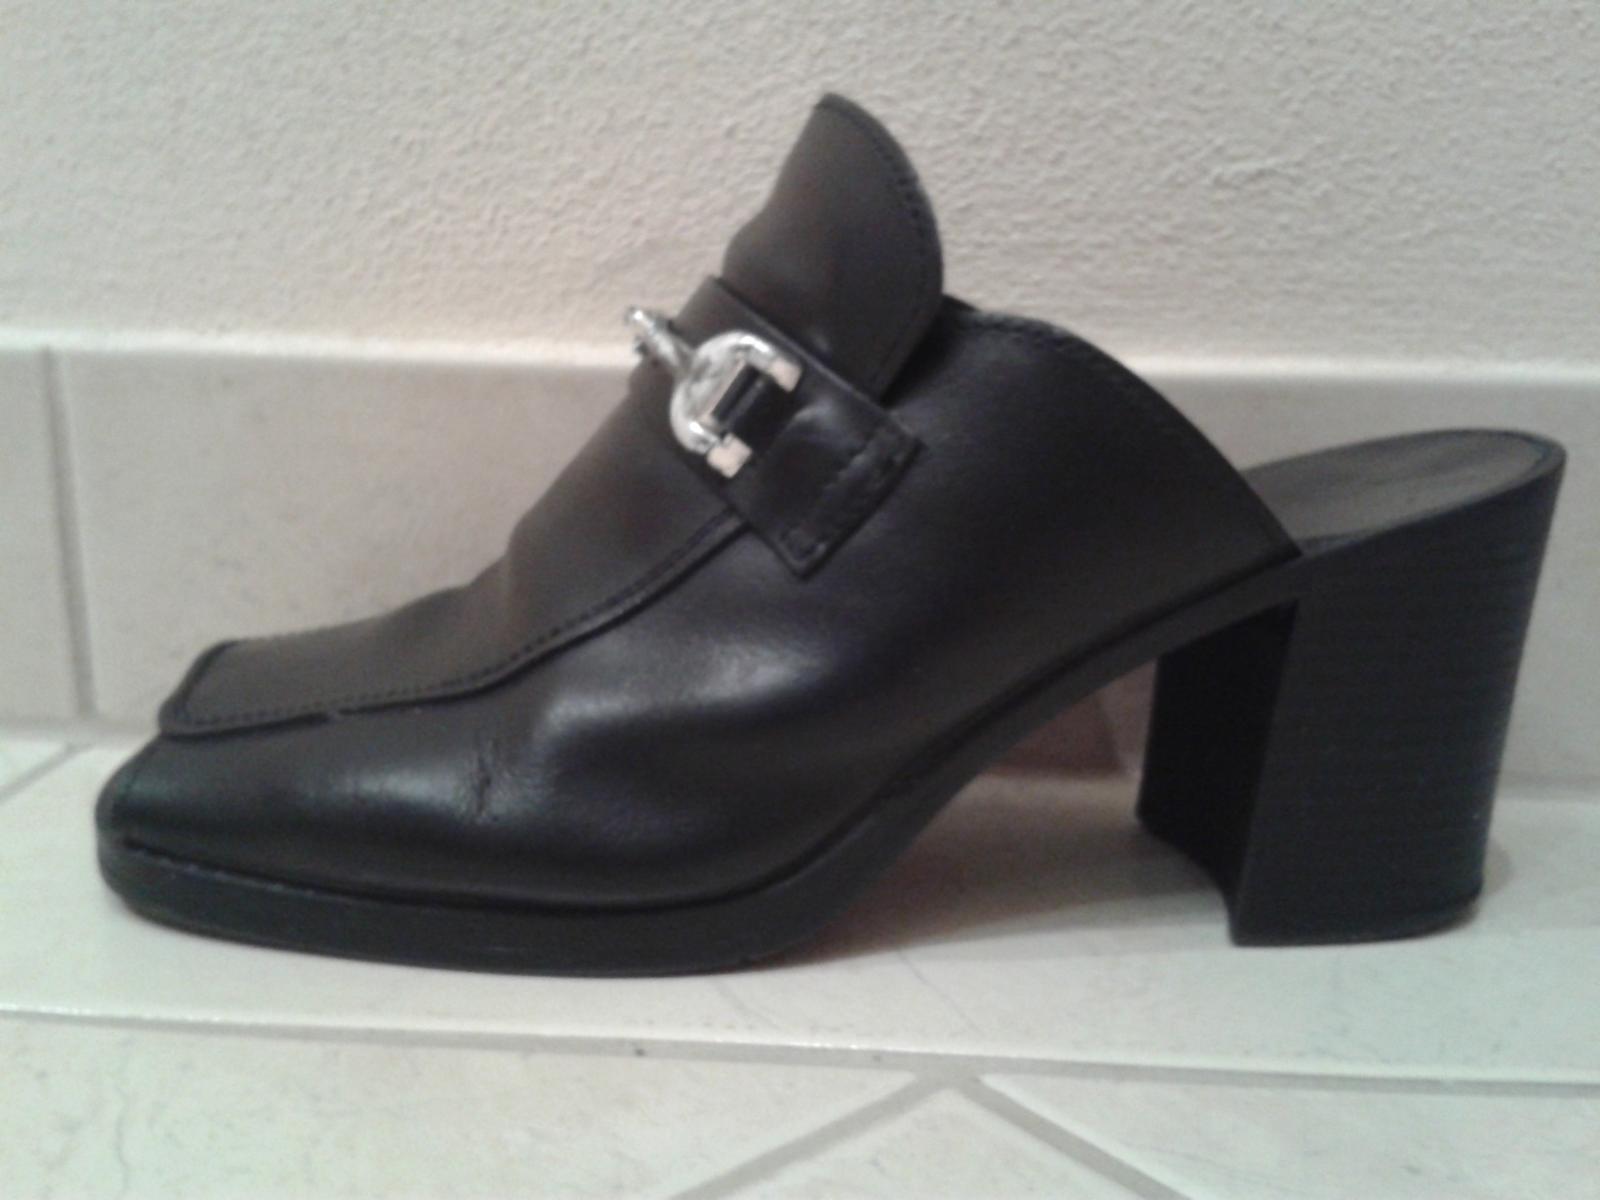 Čierne topánky s otvorenou špičkou/pätou - Obrázok č. 2